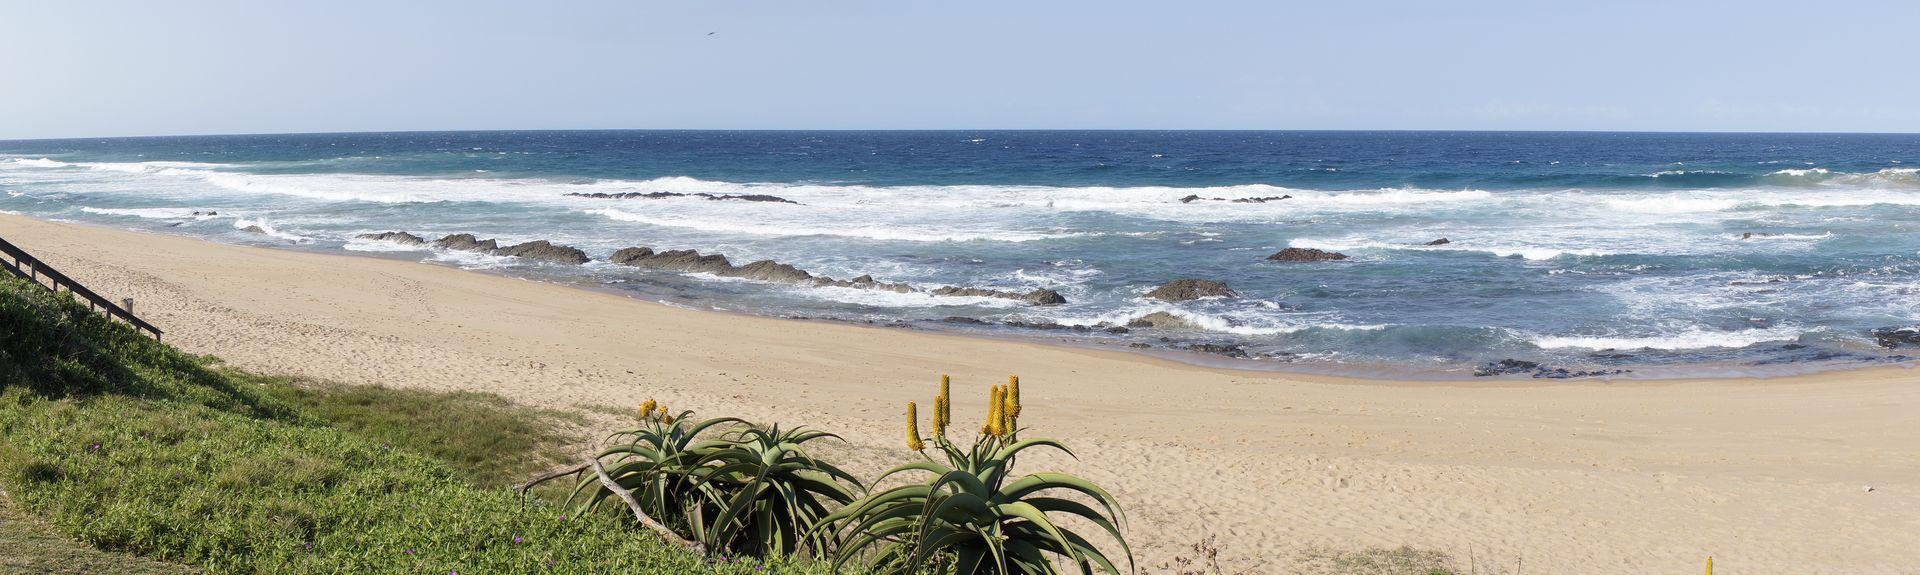 Ballito, Provincia di KwaZulu-Natal, Sudafrica